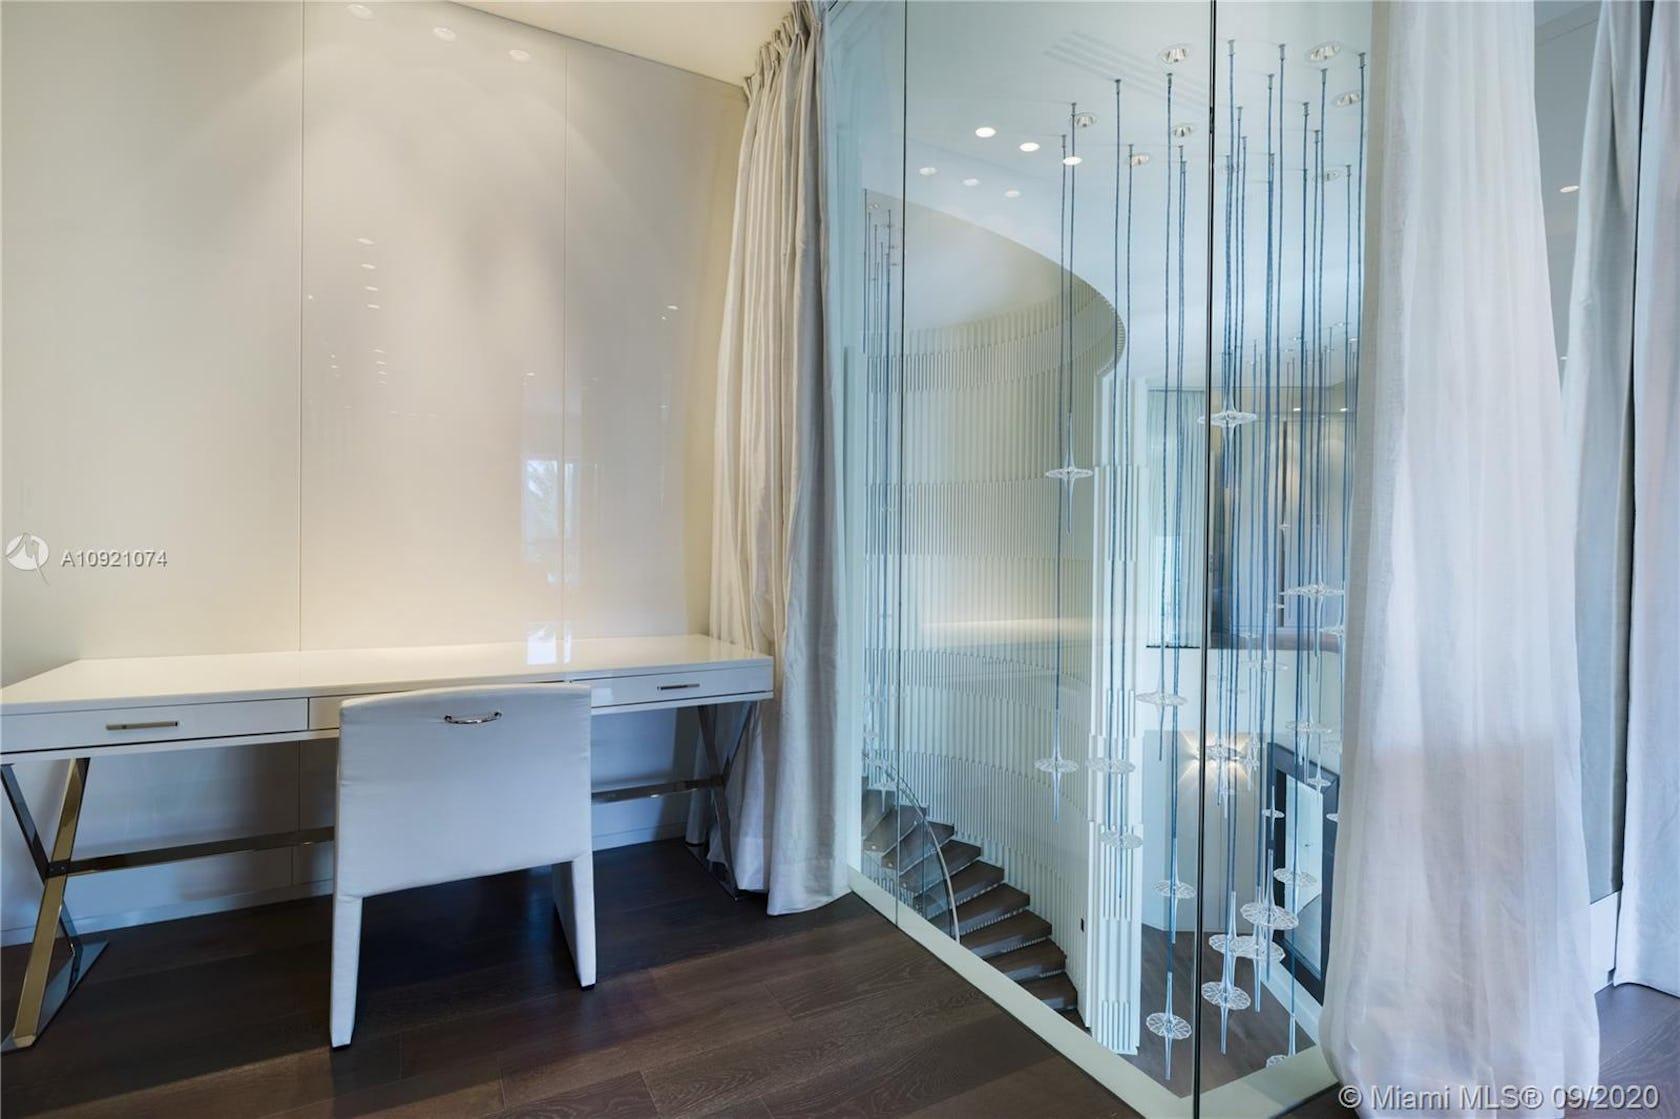 flooring floor furniture wood interior design indoors door